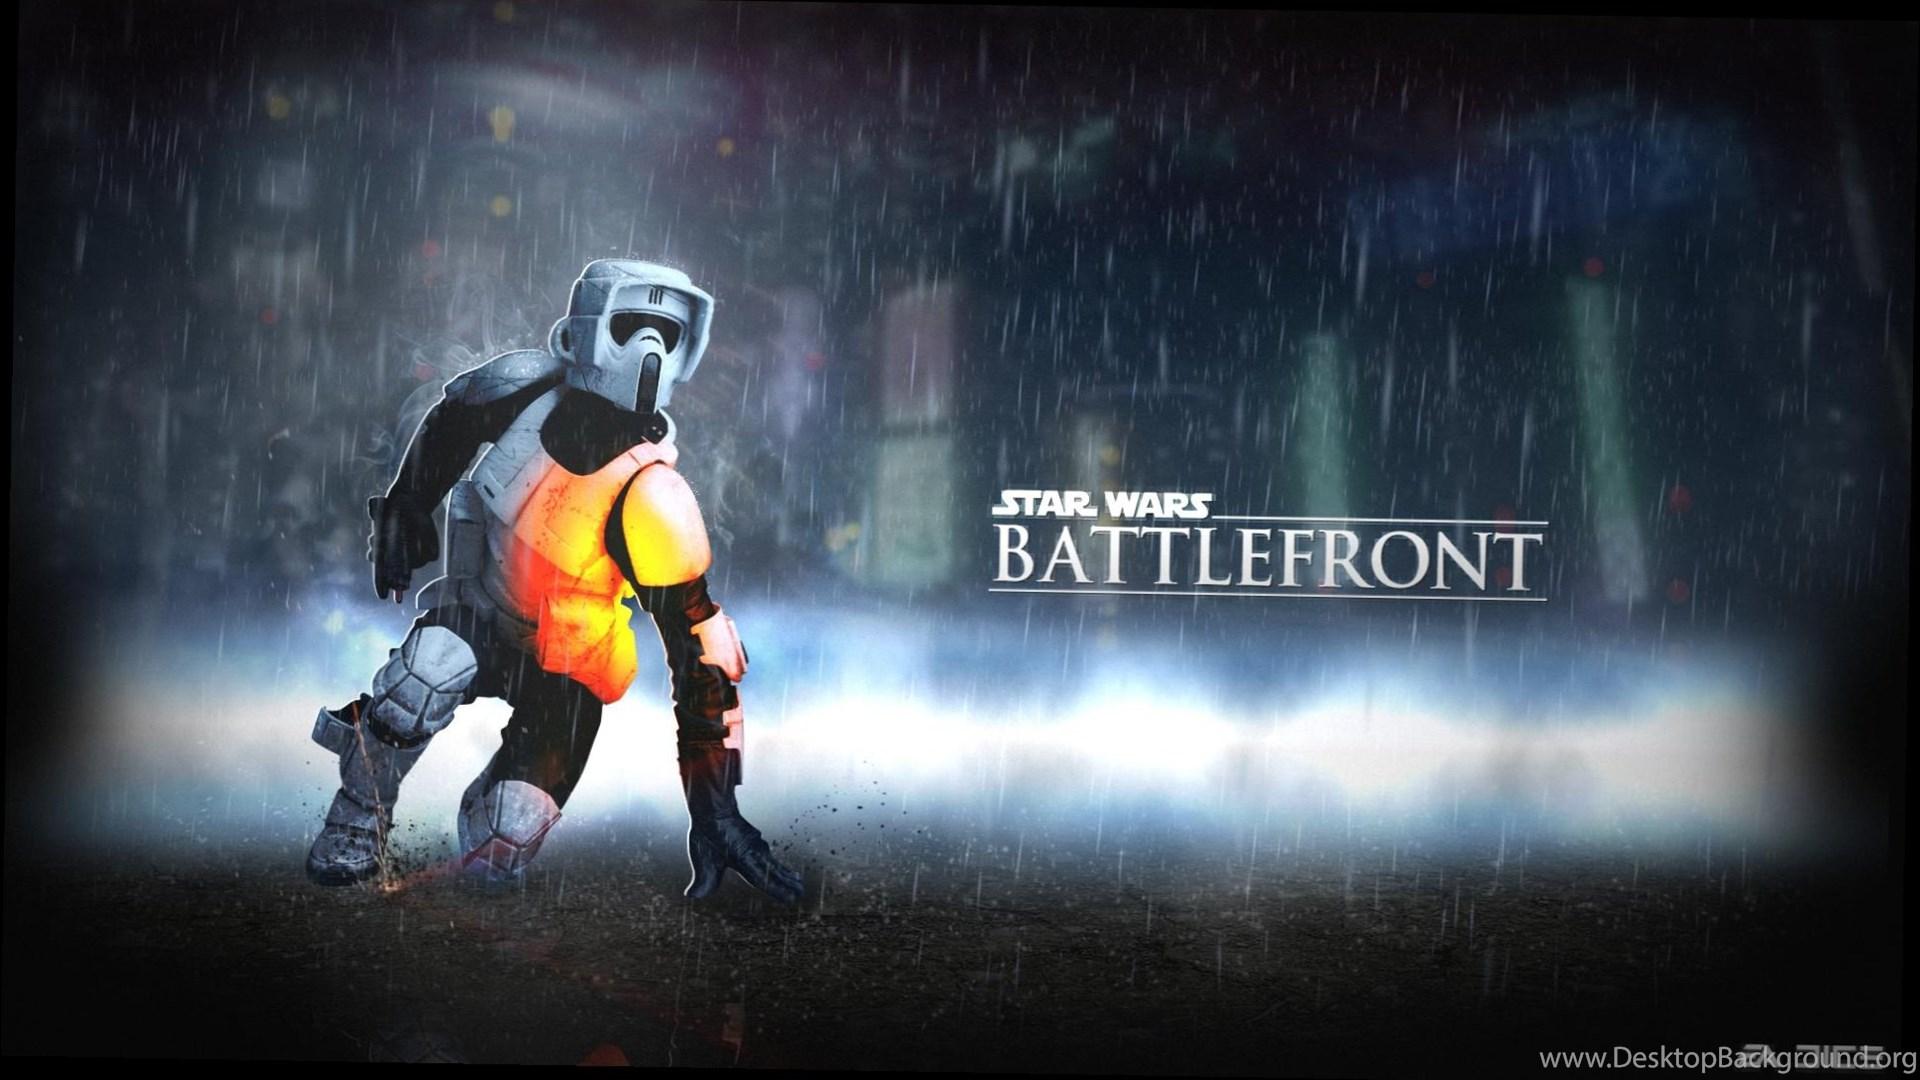 Star Wars Battlefront 2 Wallpapers Desktop Background